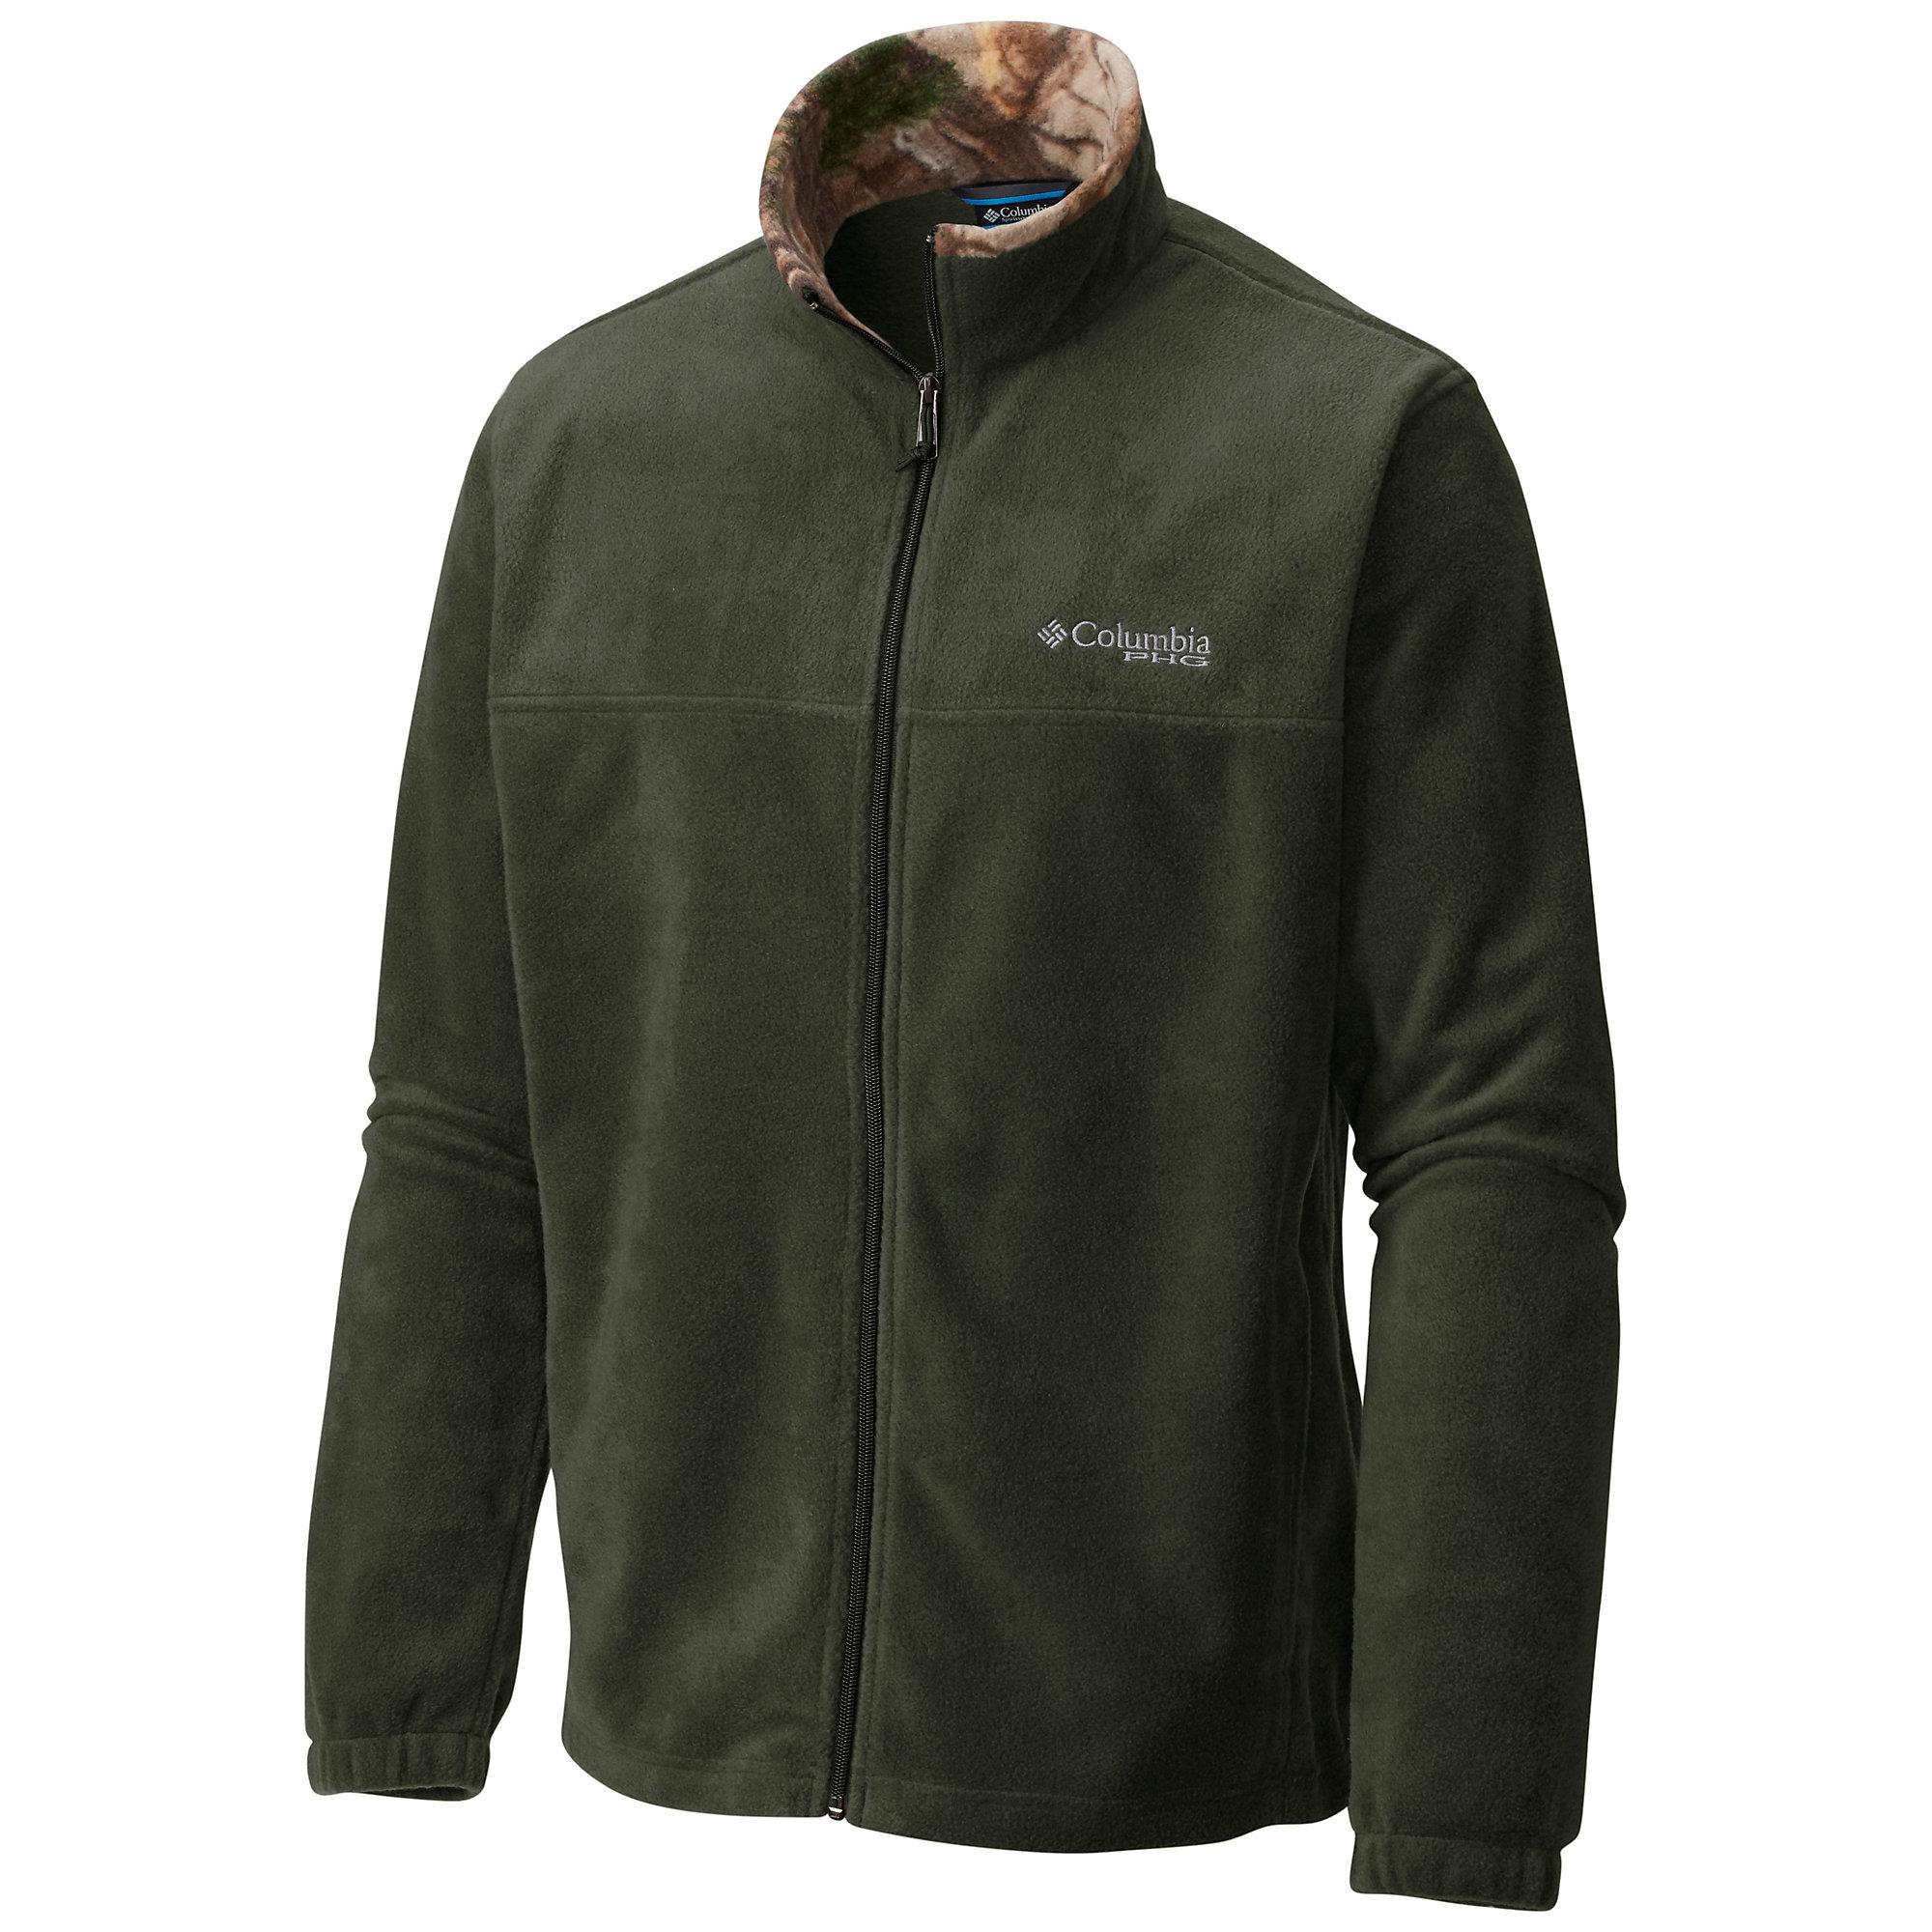 Columbia PHG Fleece Jacket